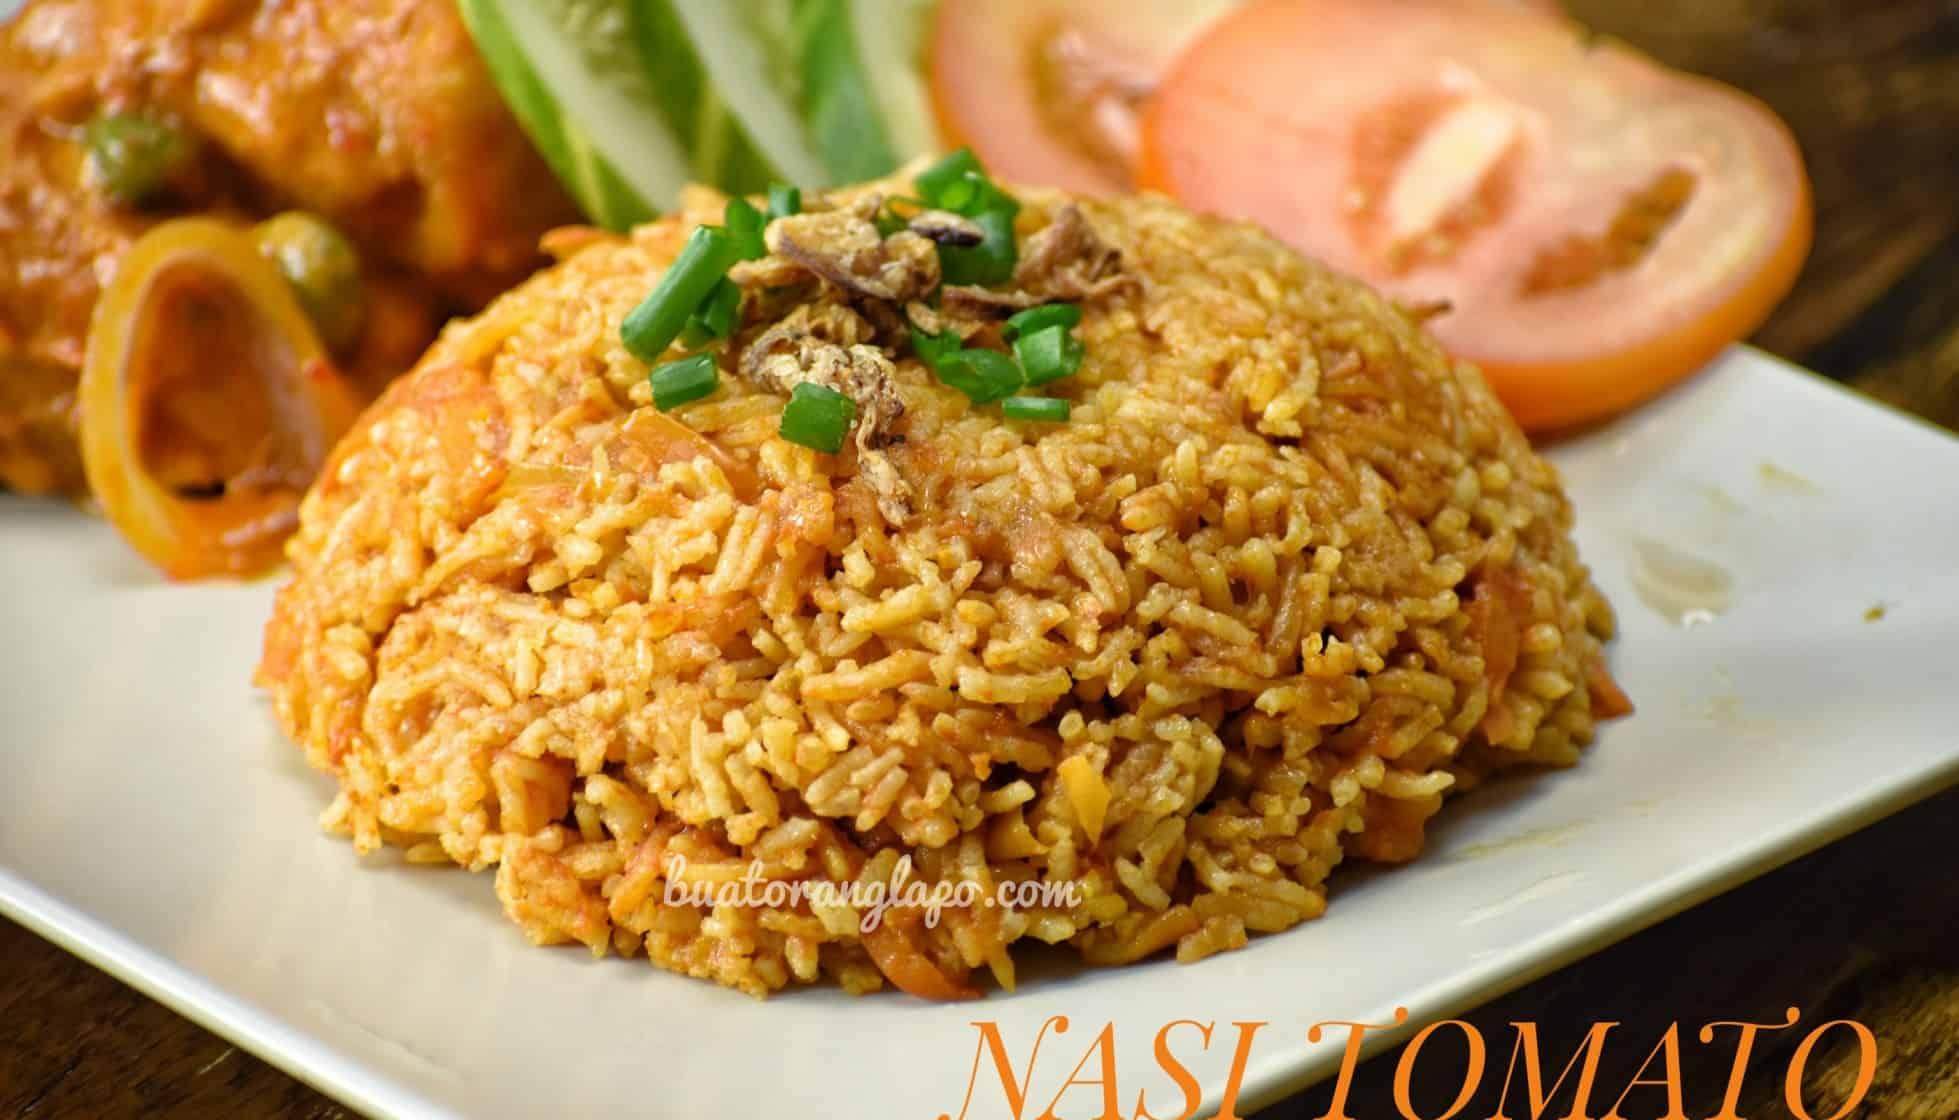 Nasi Tomato Ayam Masak Merah Buat Orang Lapo